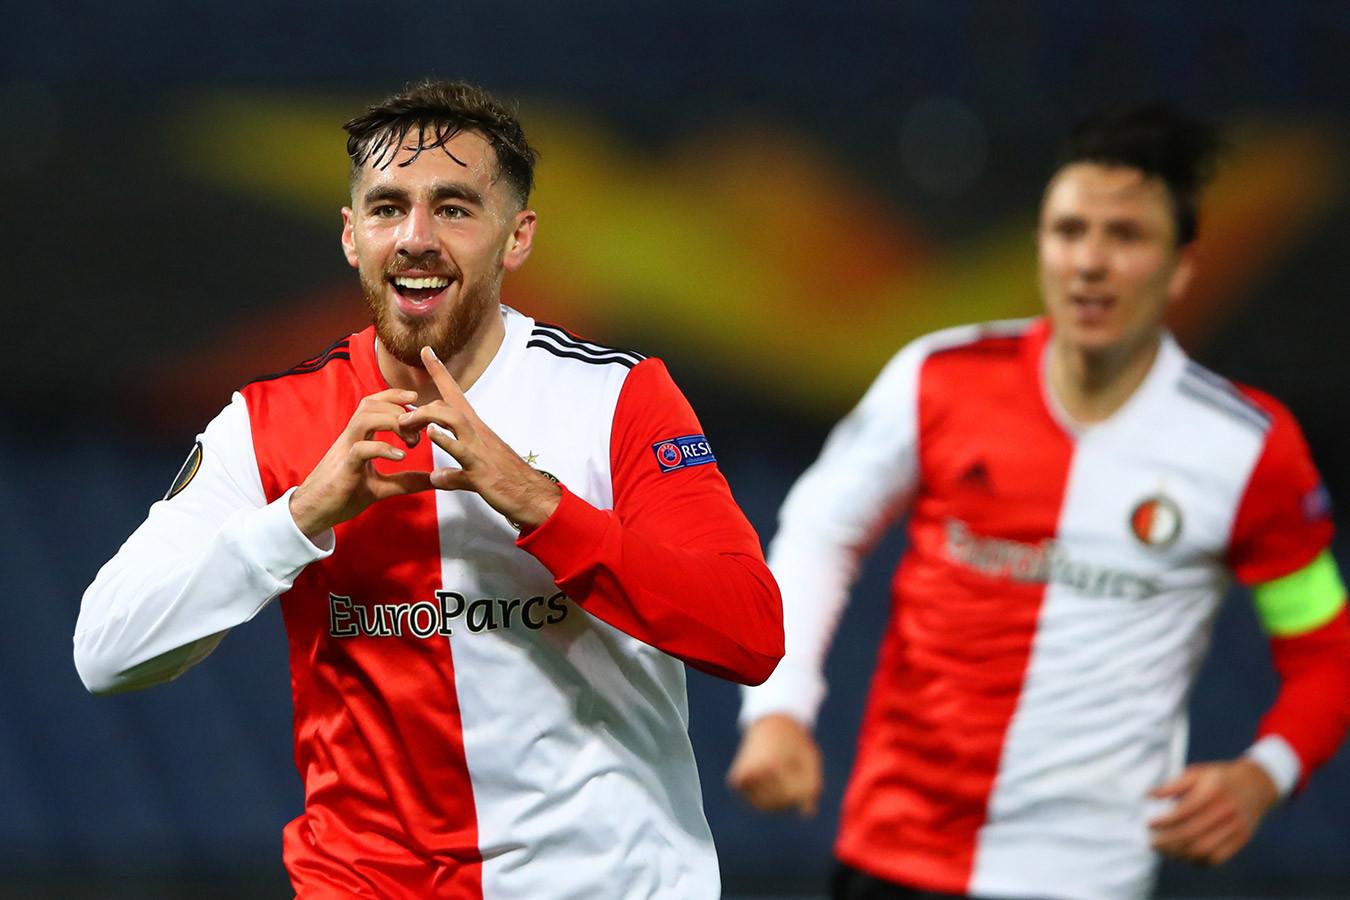 ЦСКА проиграл в гостях «Фейеноорду» в Лиге Европы, пропустив три мяча за 9 минут